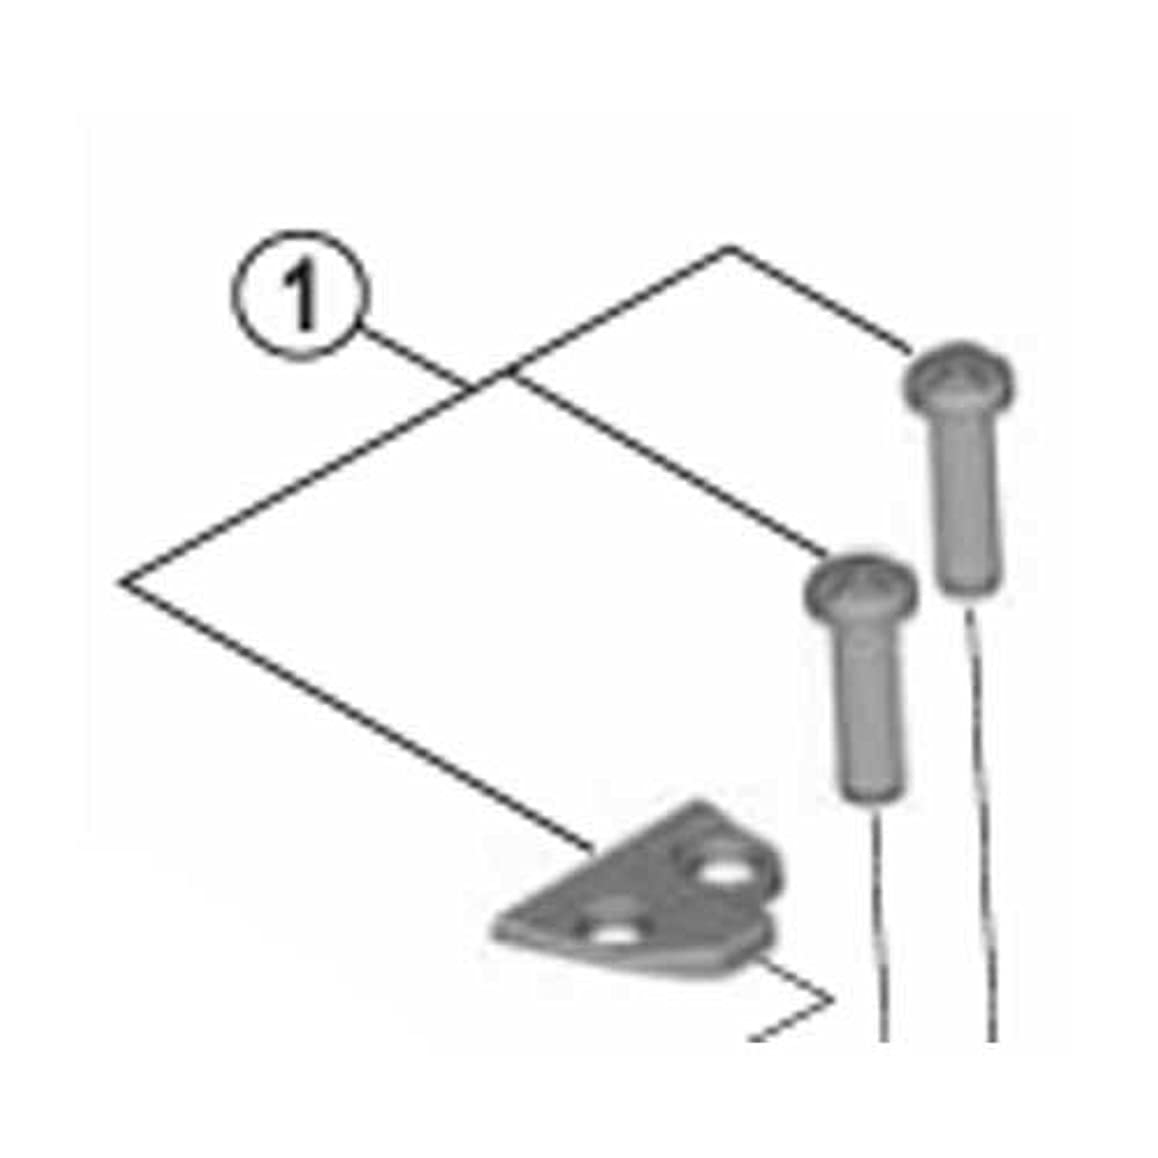 血色の良い寄託動かないシマノ アジャストボルト(M4×15)&プレート(バンド式用) Y5P198010